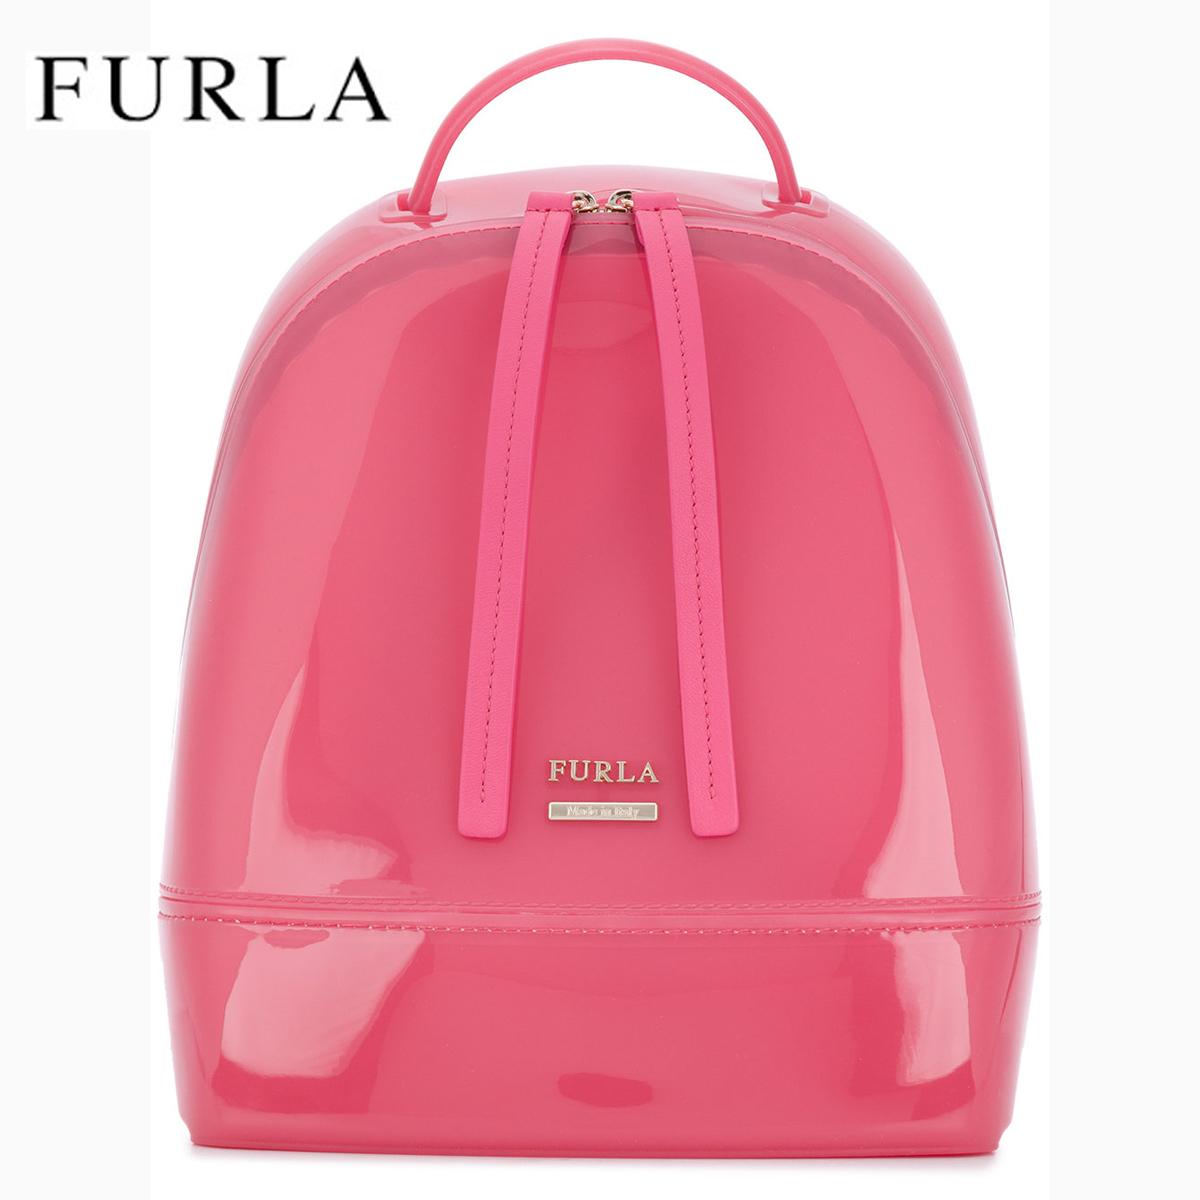 フルラ バッグ キャンディ リュック バックパック FURLA PVC Candy BackPack 920203